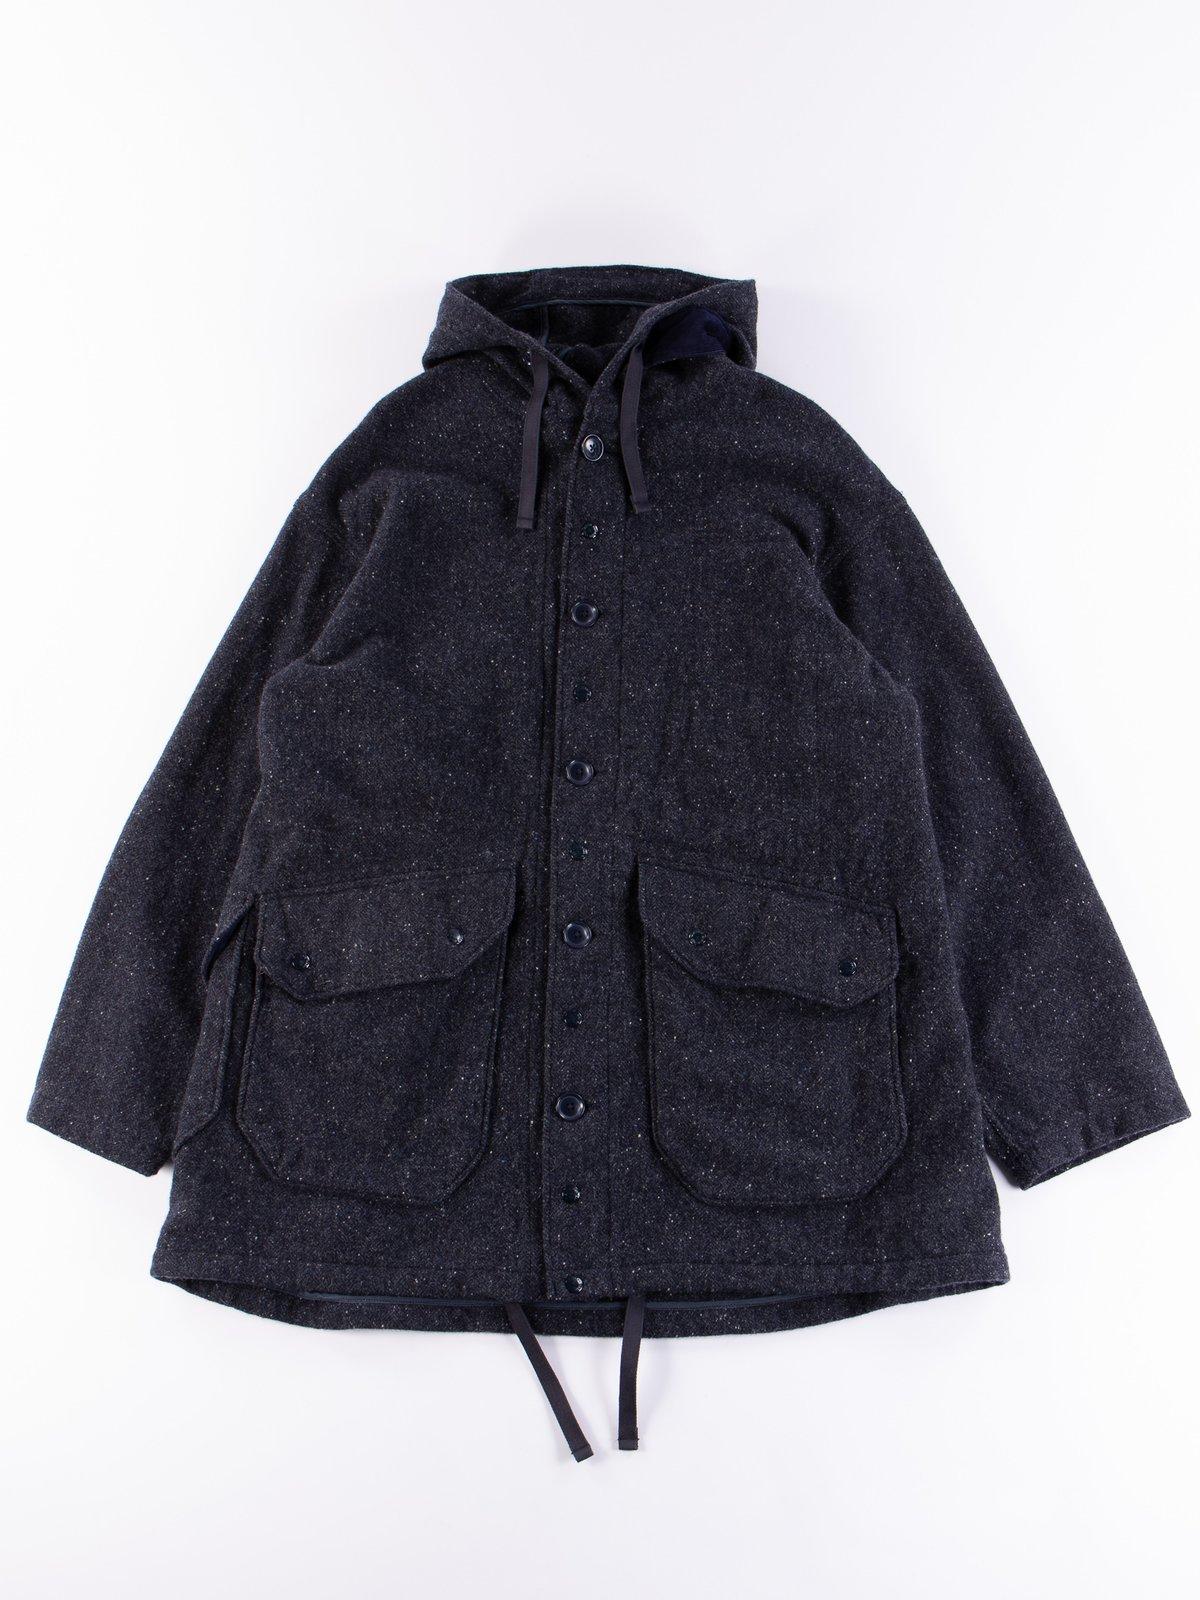 Navy Herringbone Donegal Wool Tweed Madison Parka - Image 1